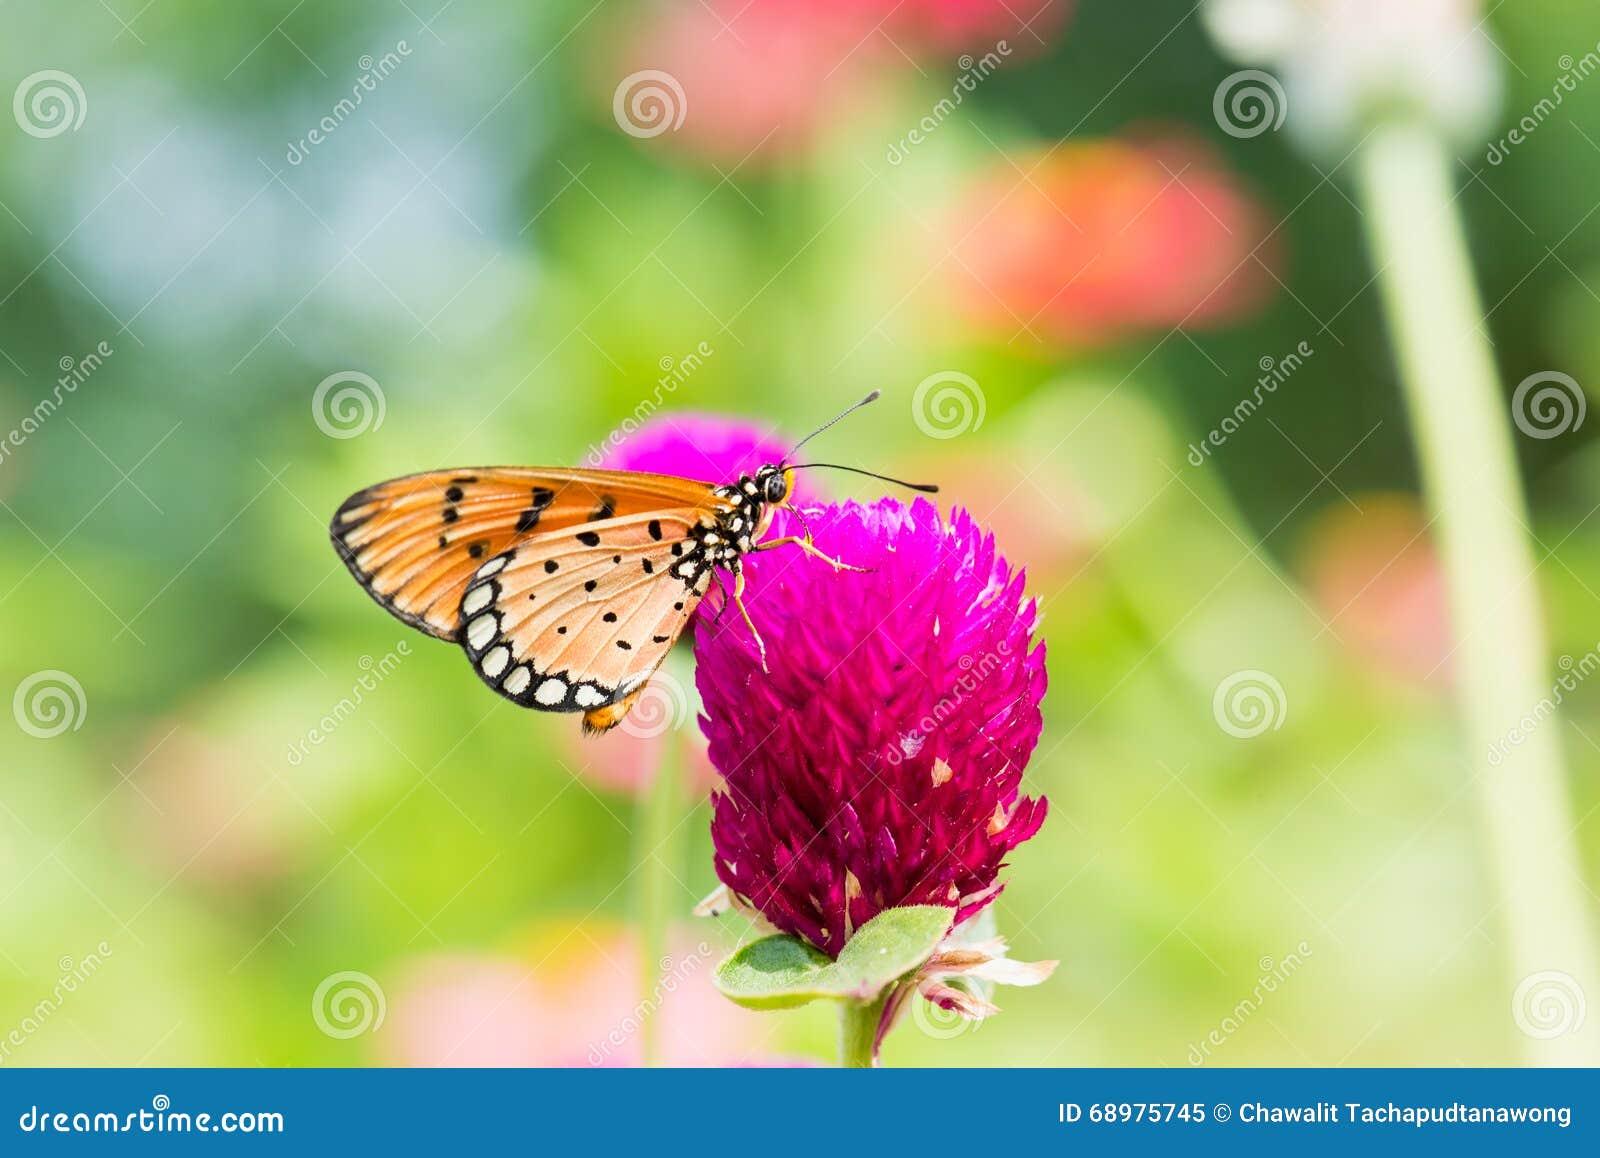 Малая оранжевая бабочка на фиолетовом цветке